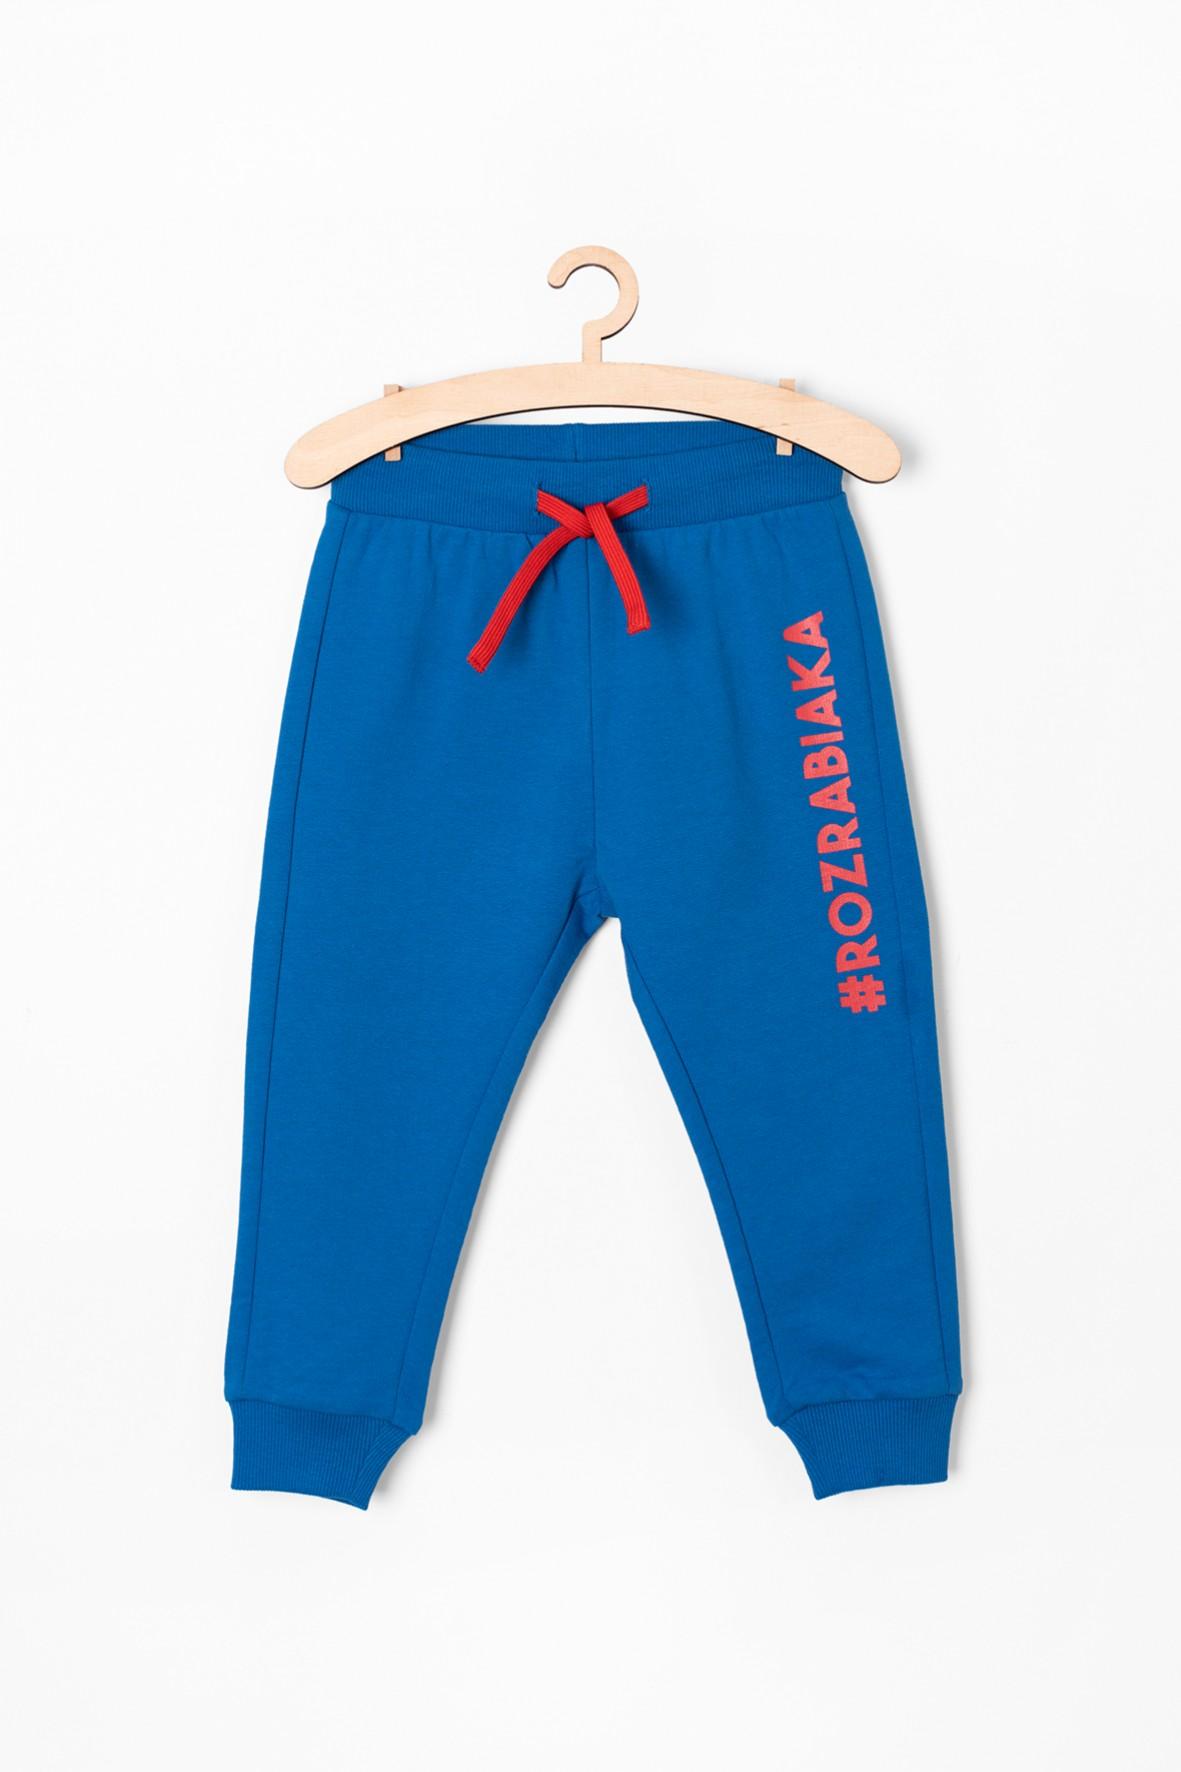 Spodnie dresowe z napisem - niebieskie #rozrabiaka